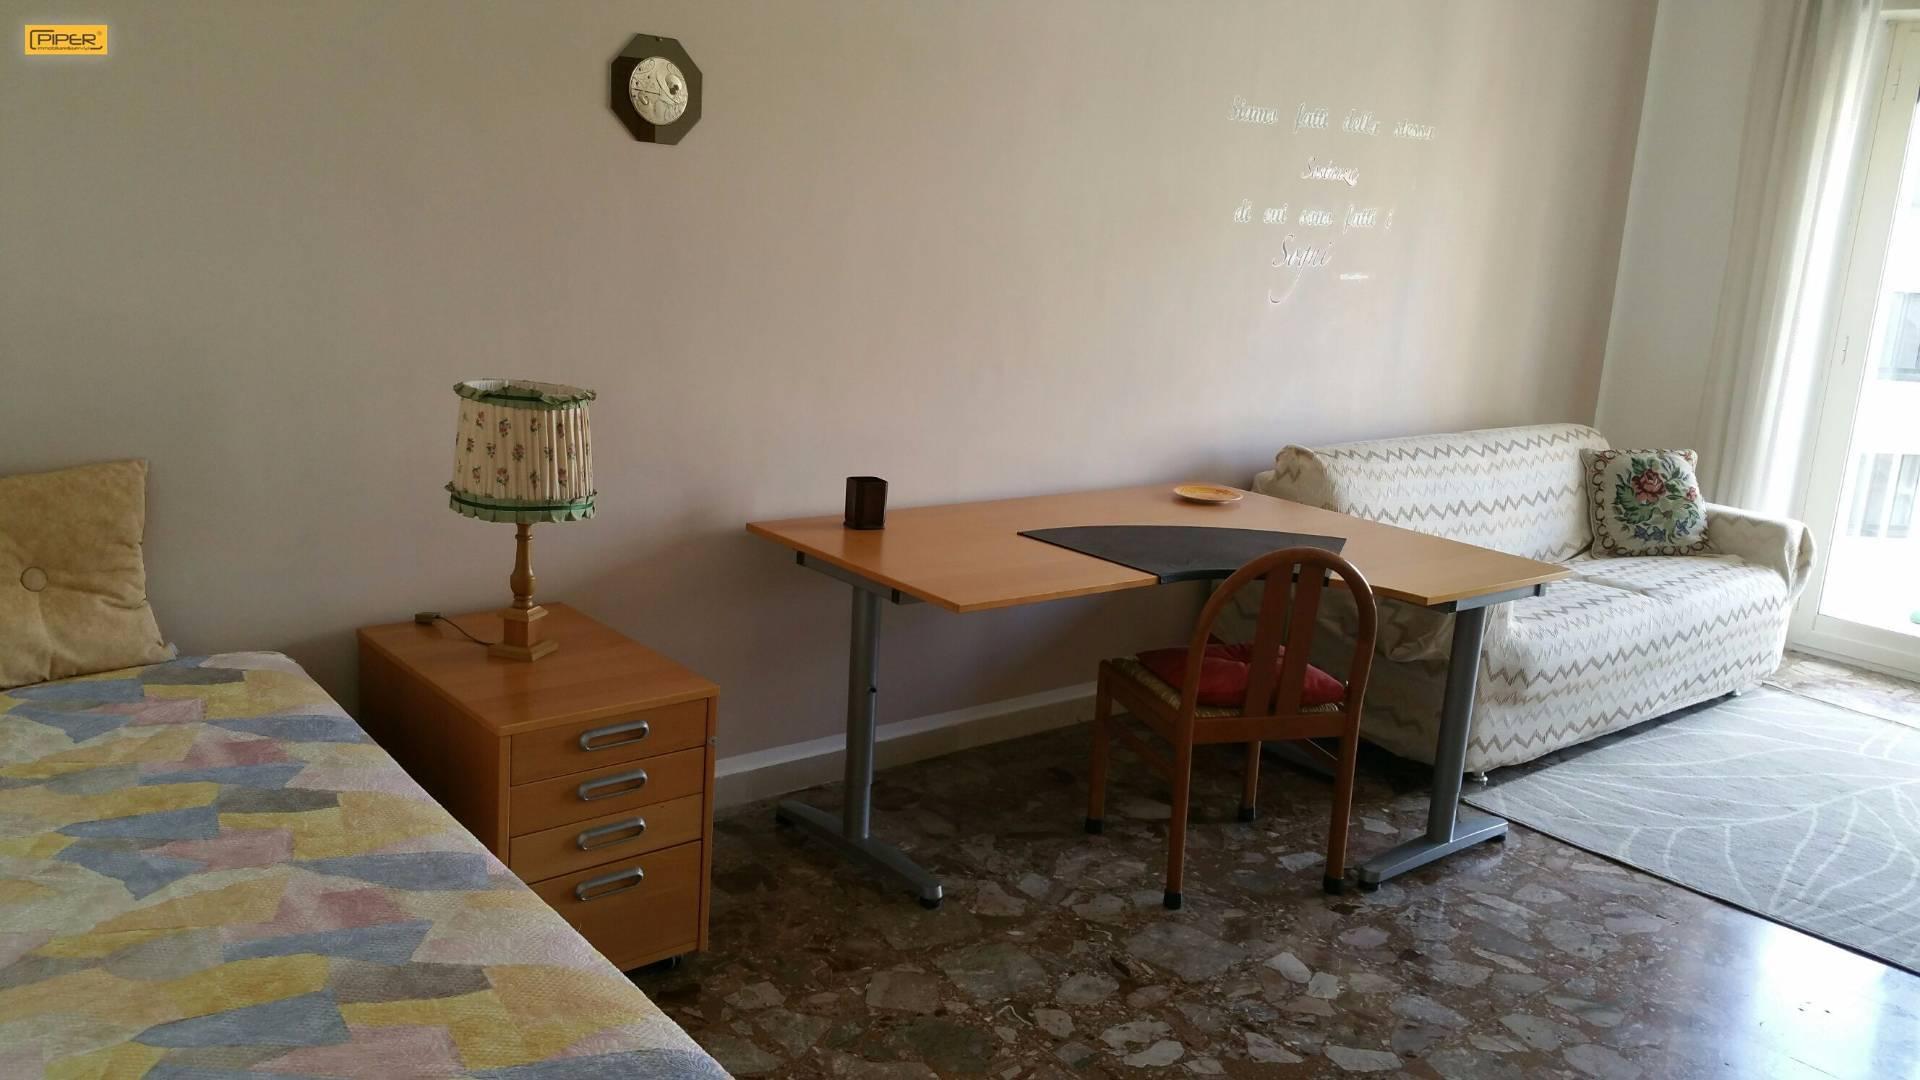 Appartamento in affitto a Napoli, 1 locali, zona Località: Arenella, Trattative riservate   Cambio Casa.it